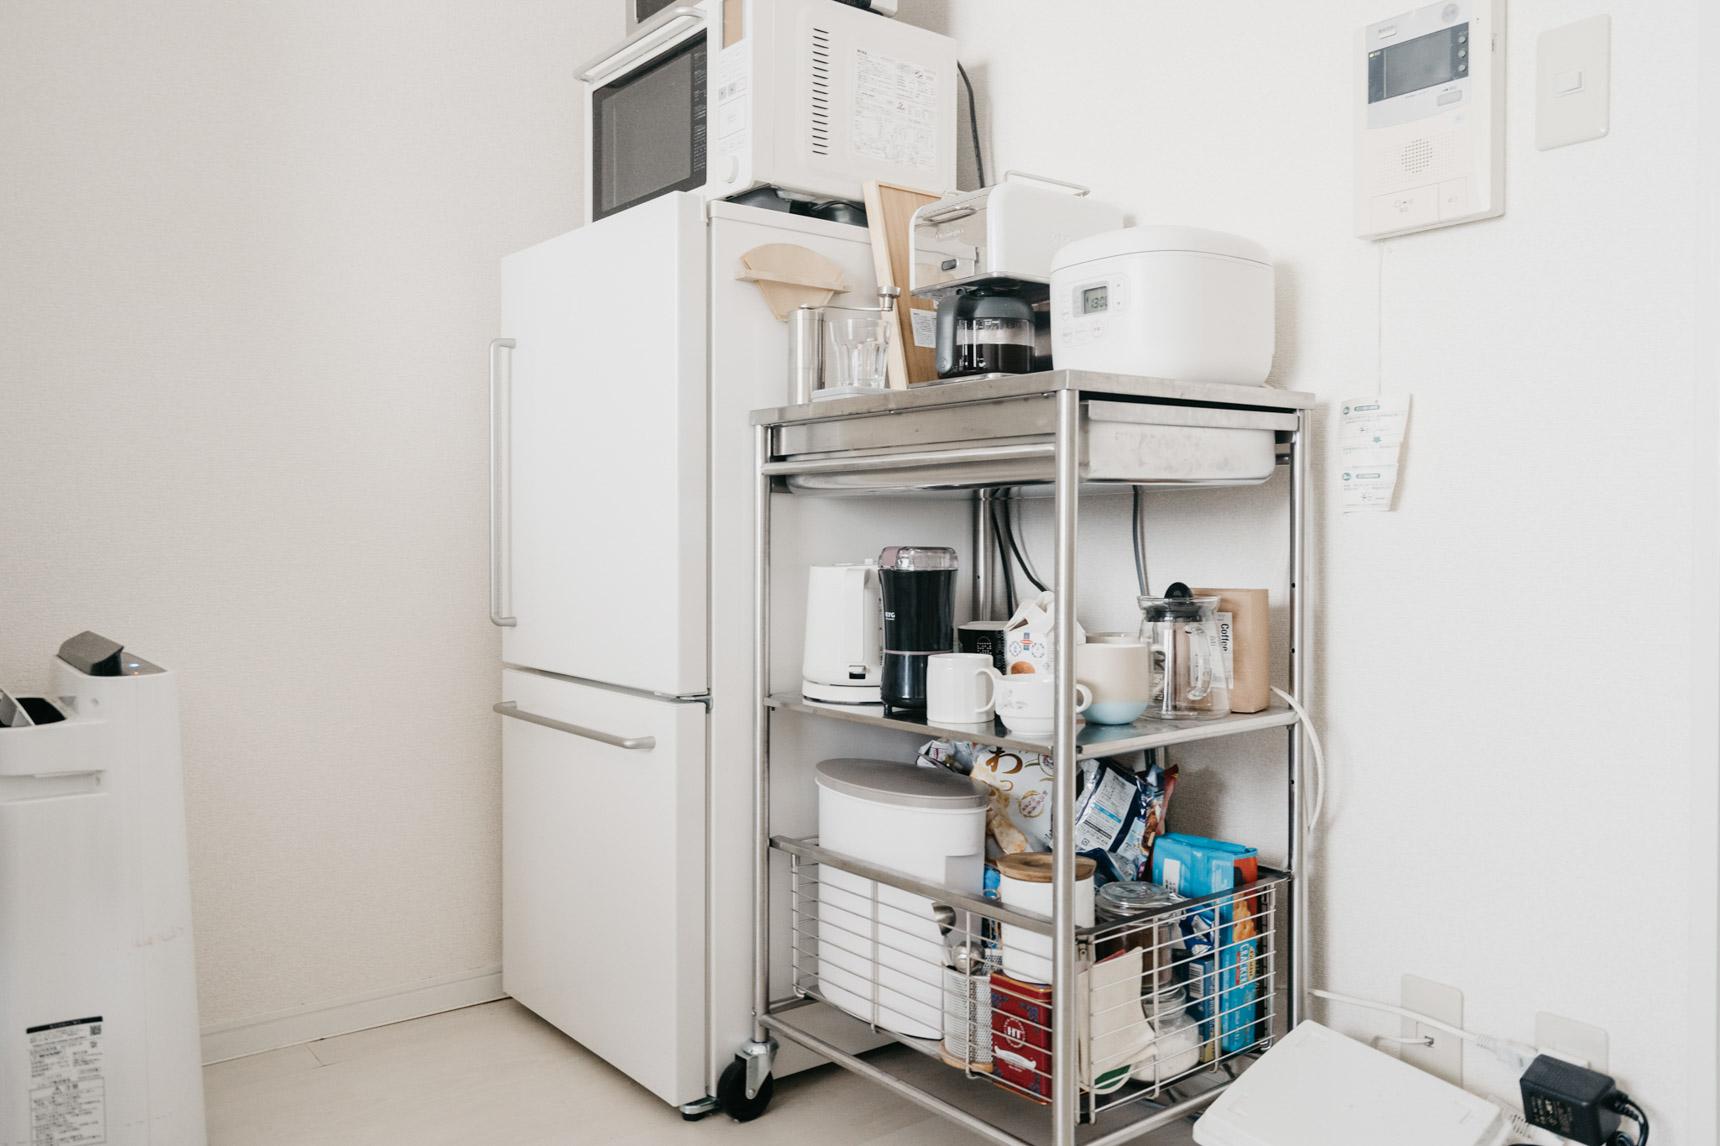 キッチン側にスペースがないためお部屋の中にある冷蔵庫。横にはIKEAのキッチンワゴンを置いて、キッチンで使うものをまとめて収納。